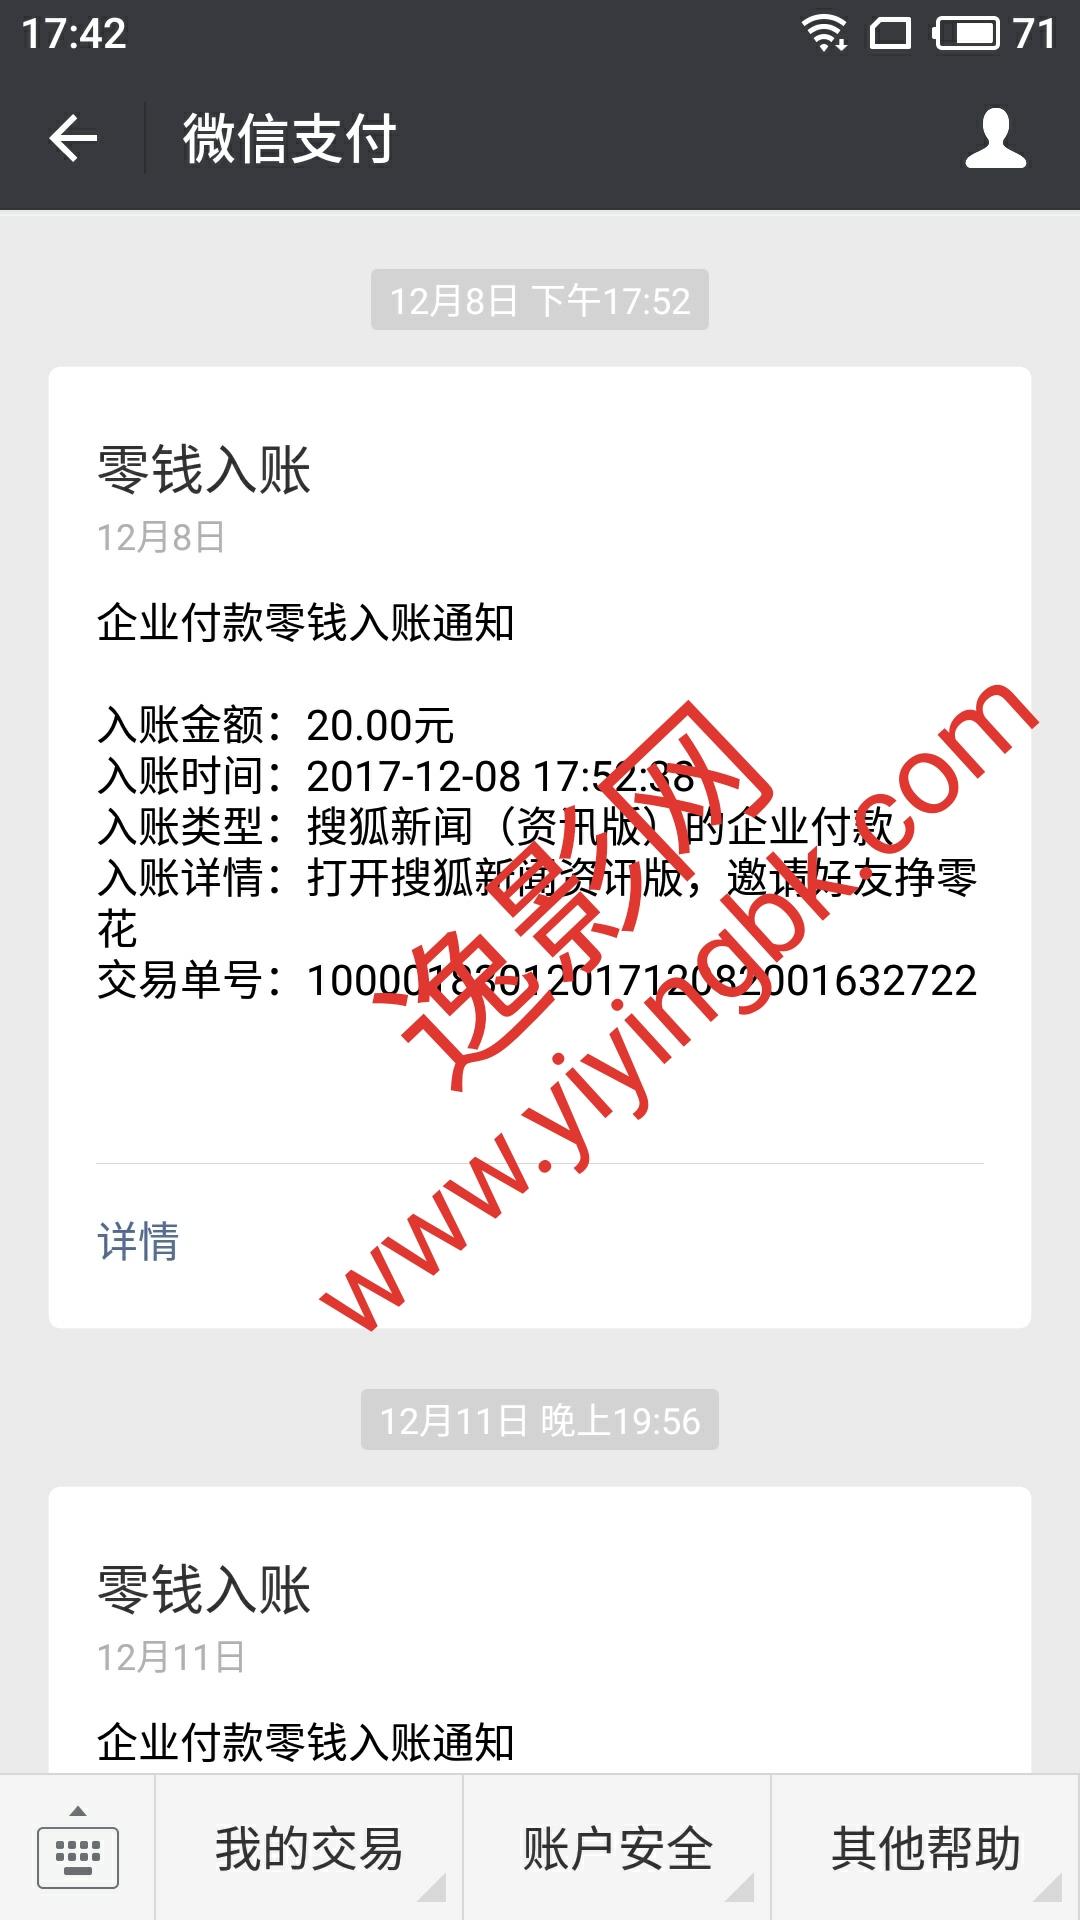 搜狐看新闻文章微信支付到账